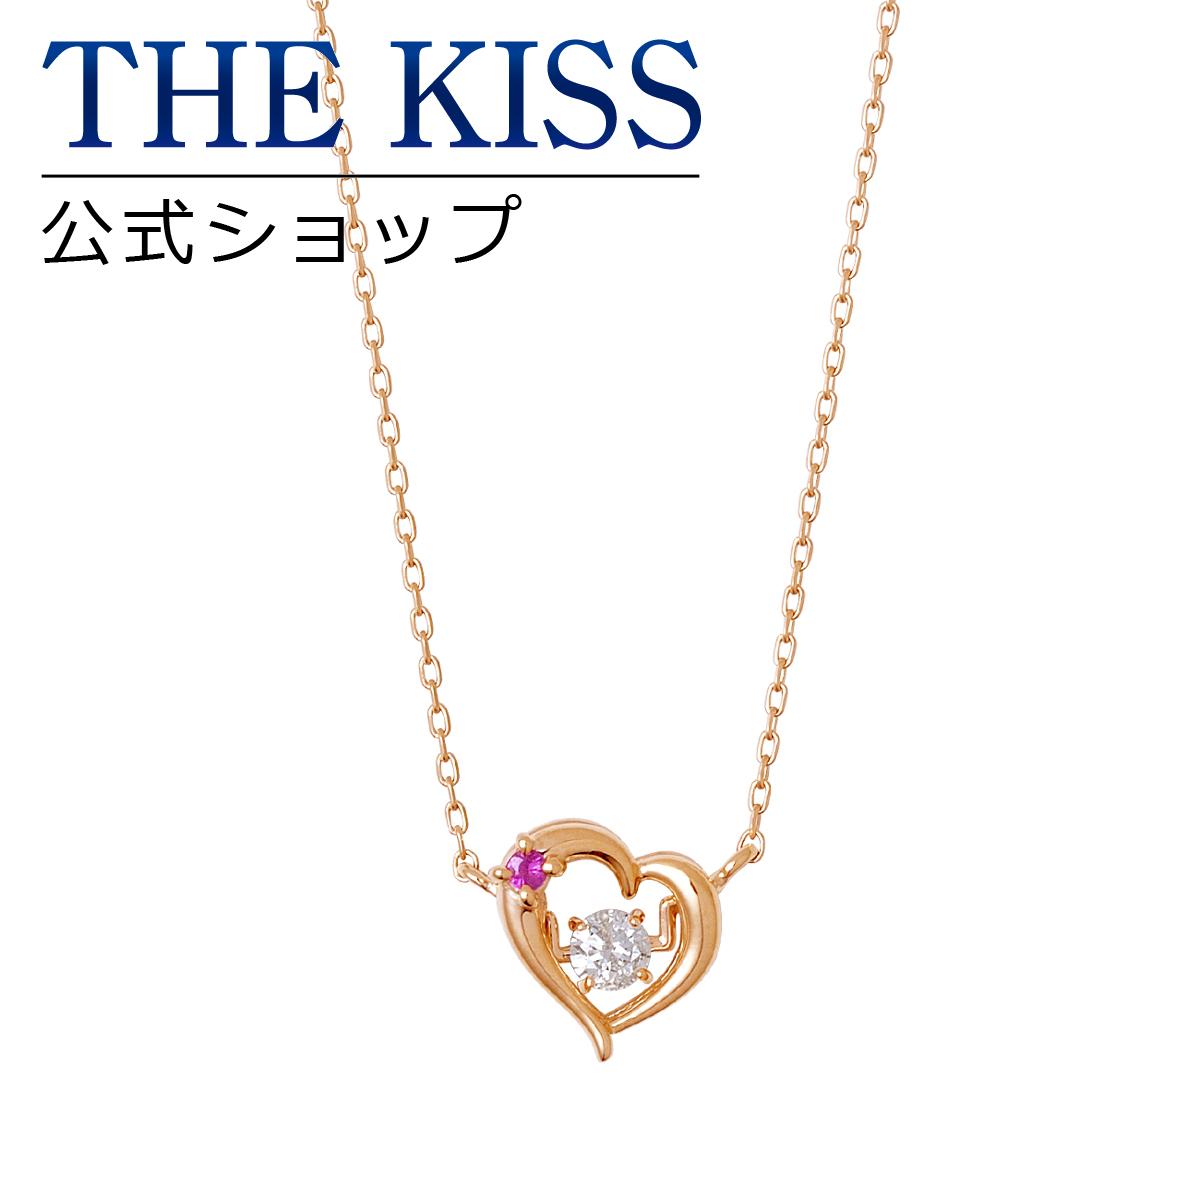 【あす楽対応】 THE KISS 公式サイト ゴールド レディースネックレス 誕生石 オーダー レディースアクセサリー カップル に 人気 の ジュエリーブランド ネックレス・ペンダント 記念日 K-N1403PG ザキス 【Twinkling】【送料無料】